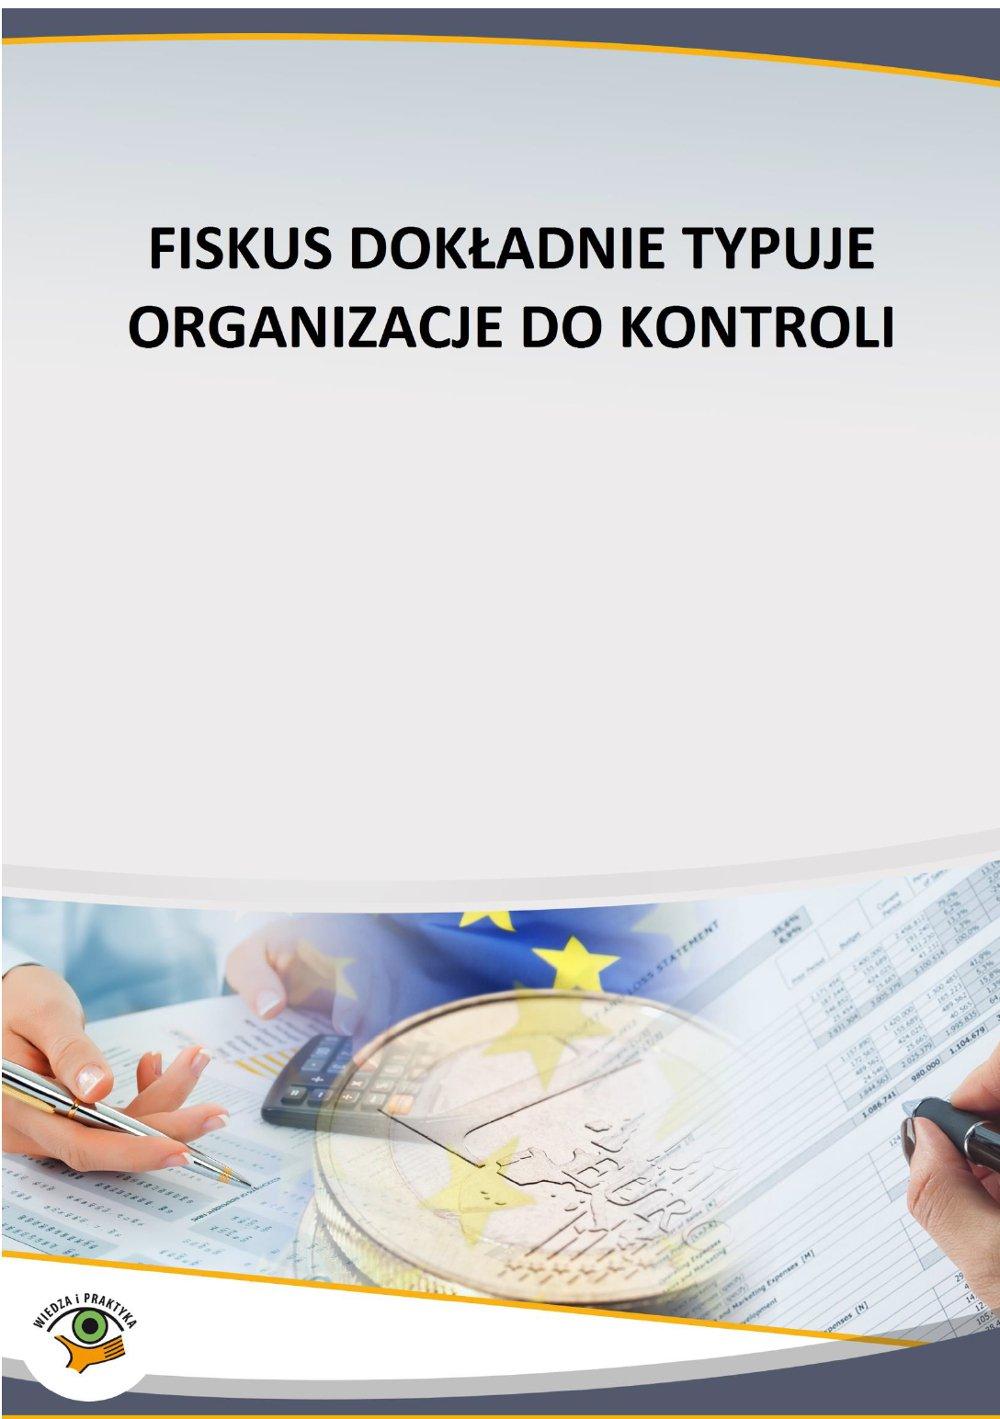 Fiskus dokładnie typuje podatników do kontroli - Ebook (Książka PDF) do pobrania w formacie PDF